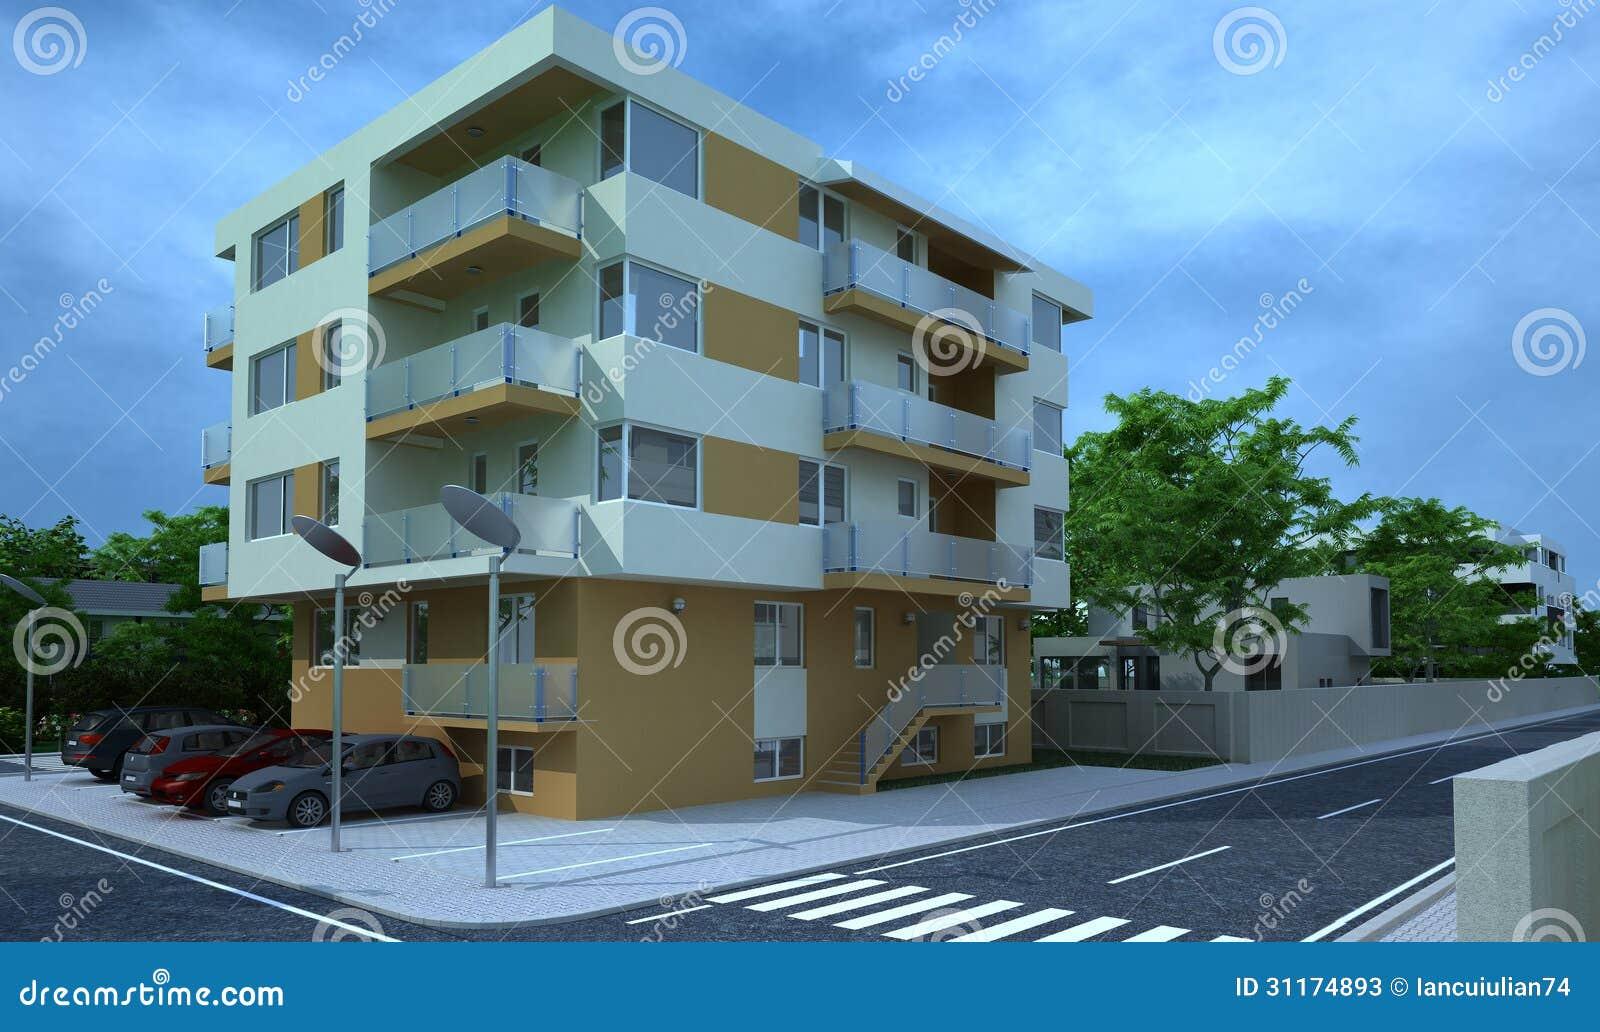 B timent ext rieur rendu de conception architecture for Photos architecture batiment